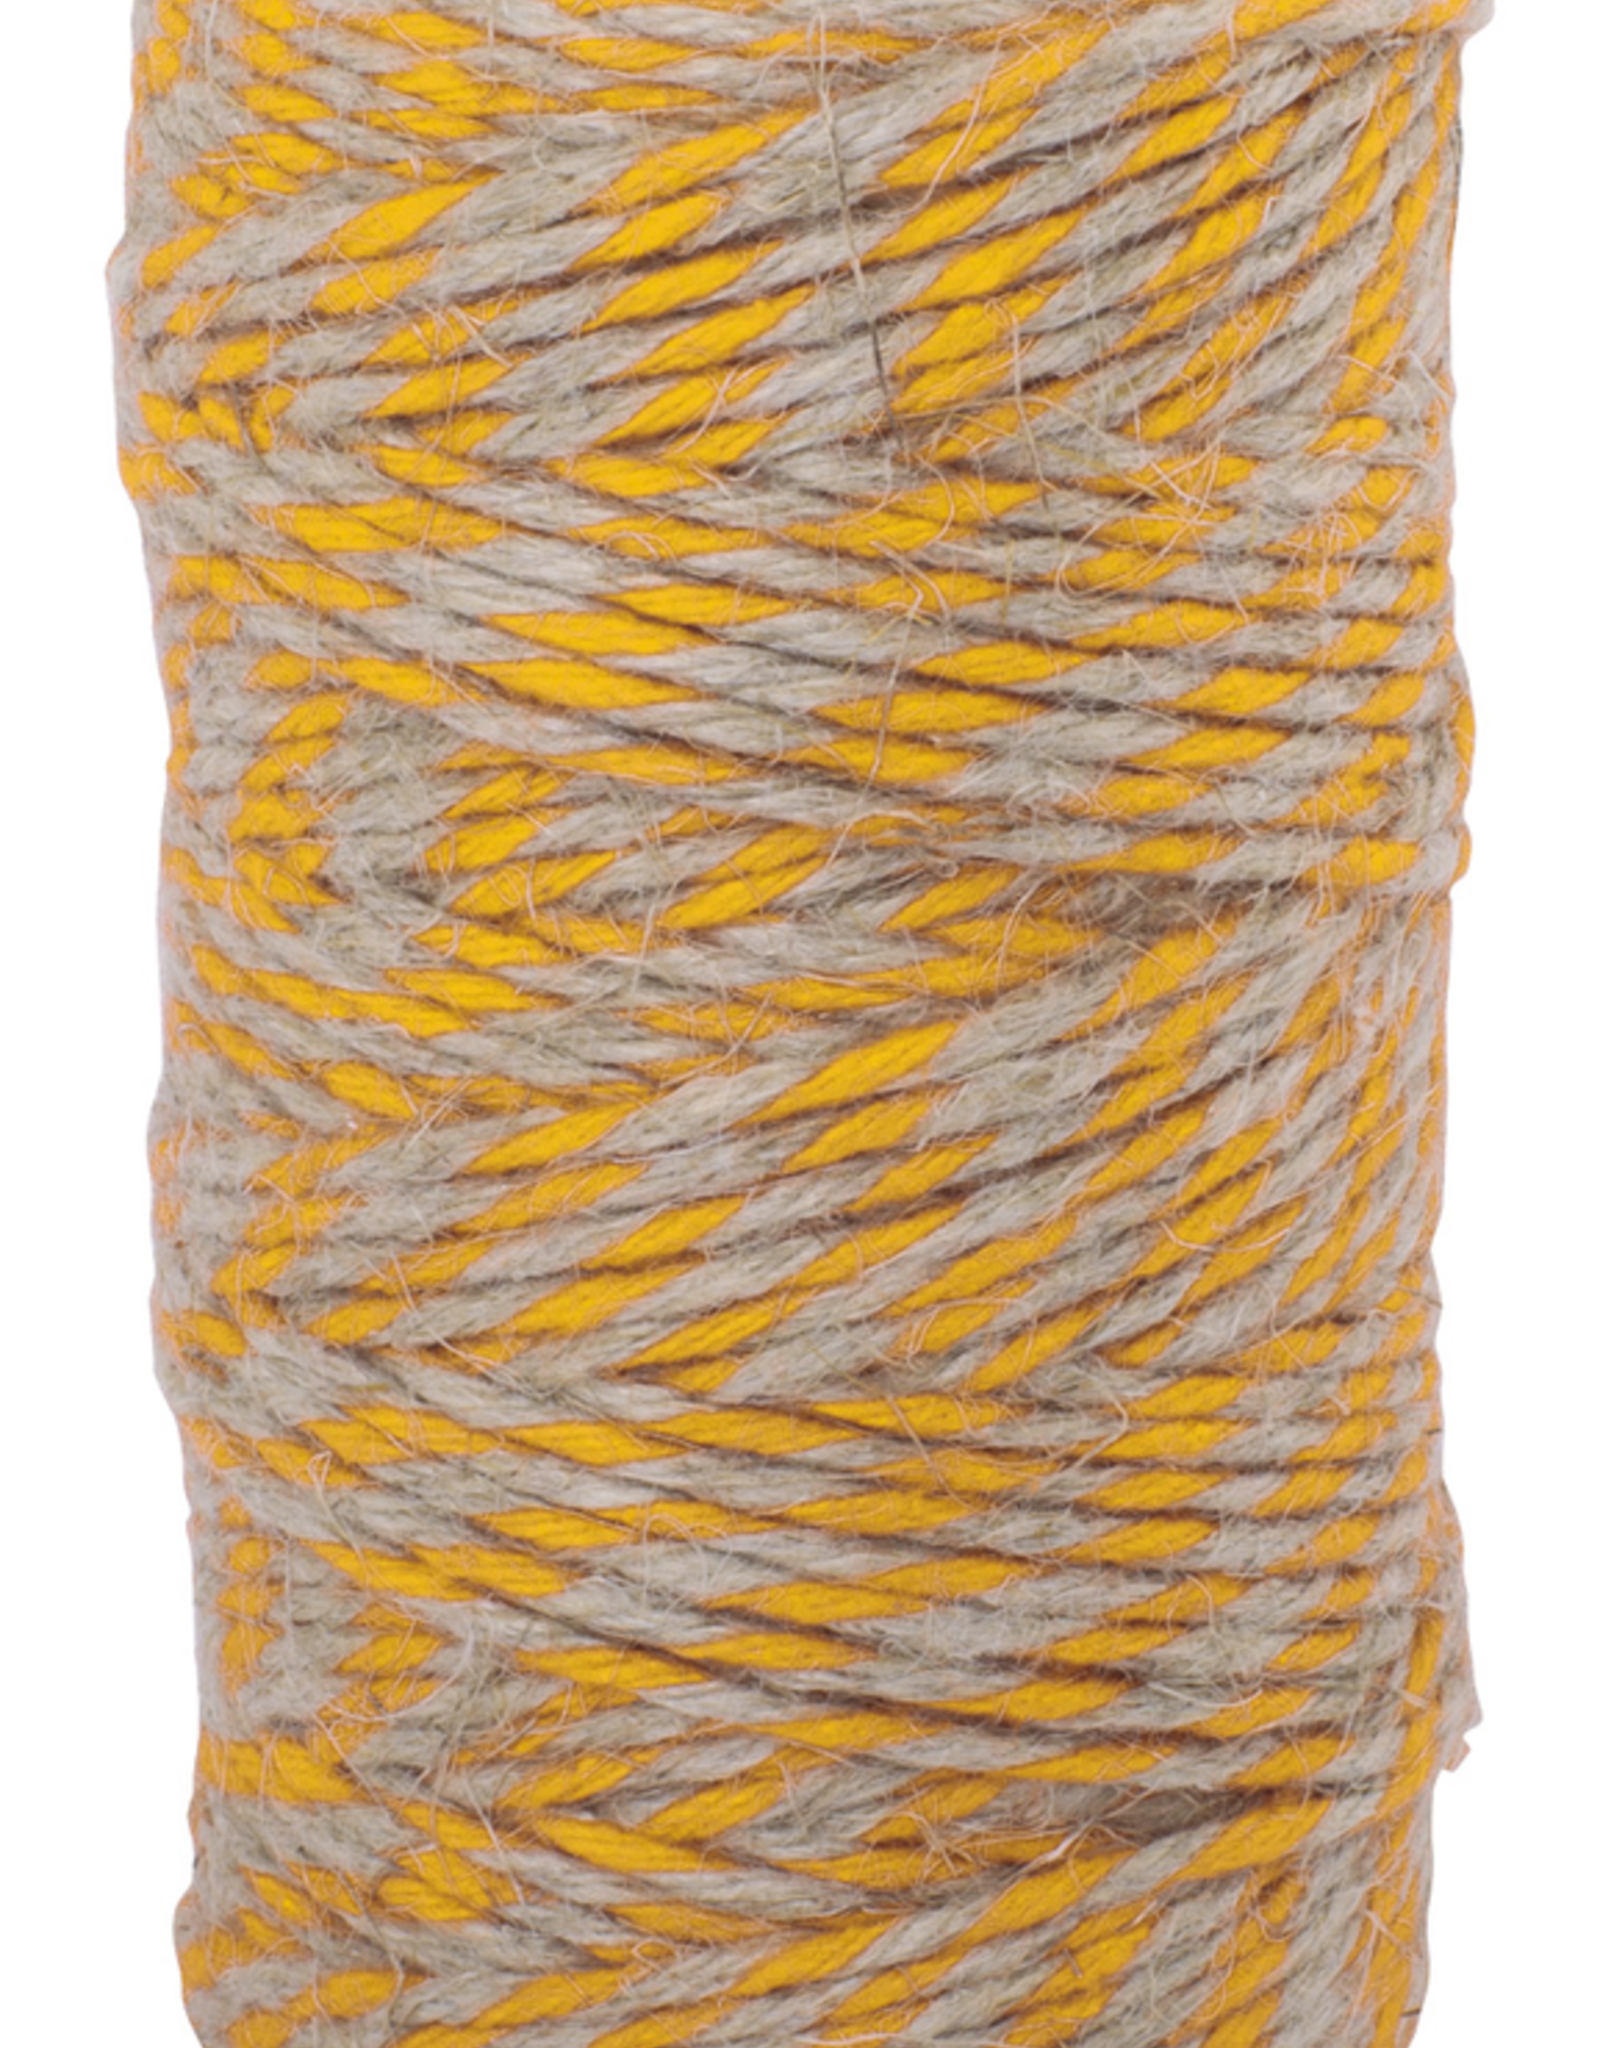 Redecker Redecker Flax Yarn-Yellow